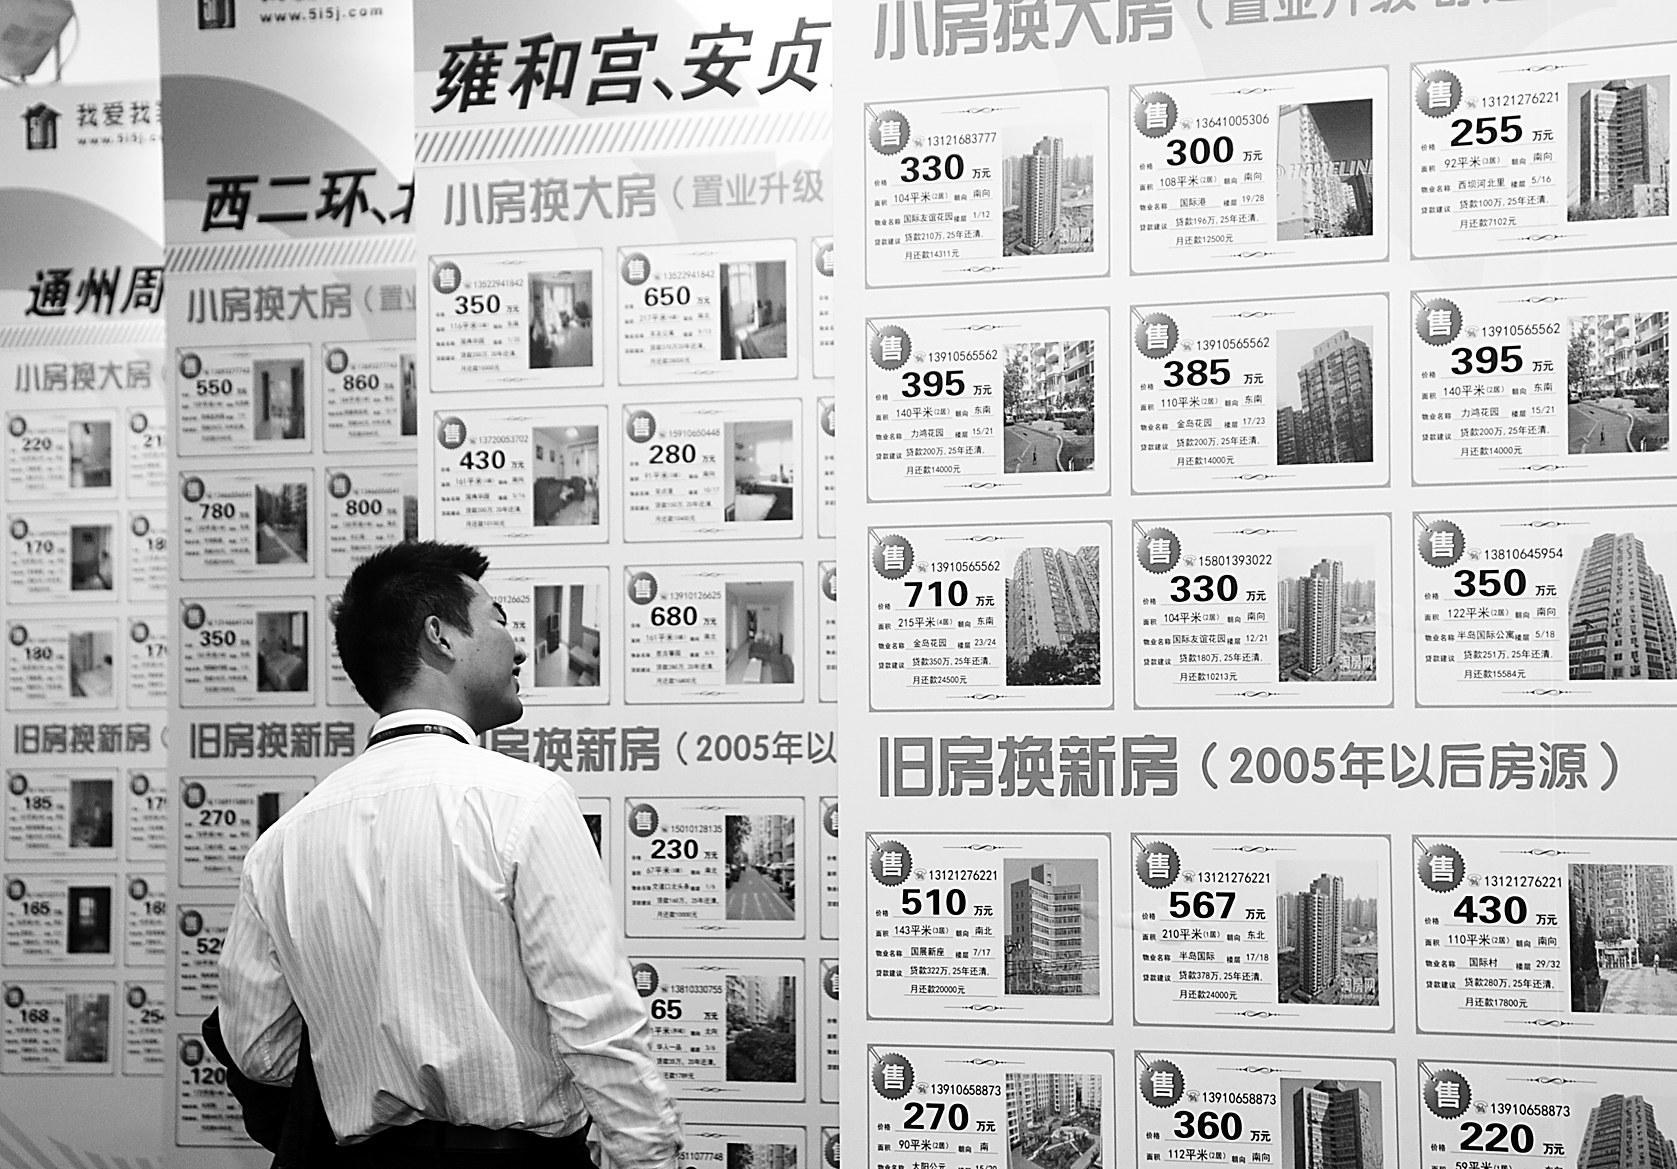 北京二环100平米房 VS 美国五大城市房产